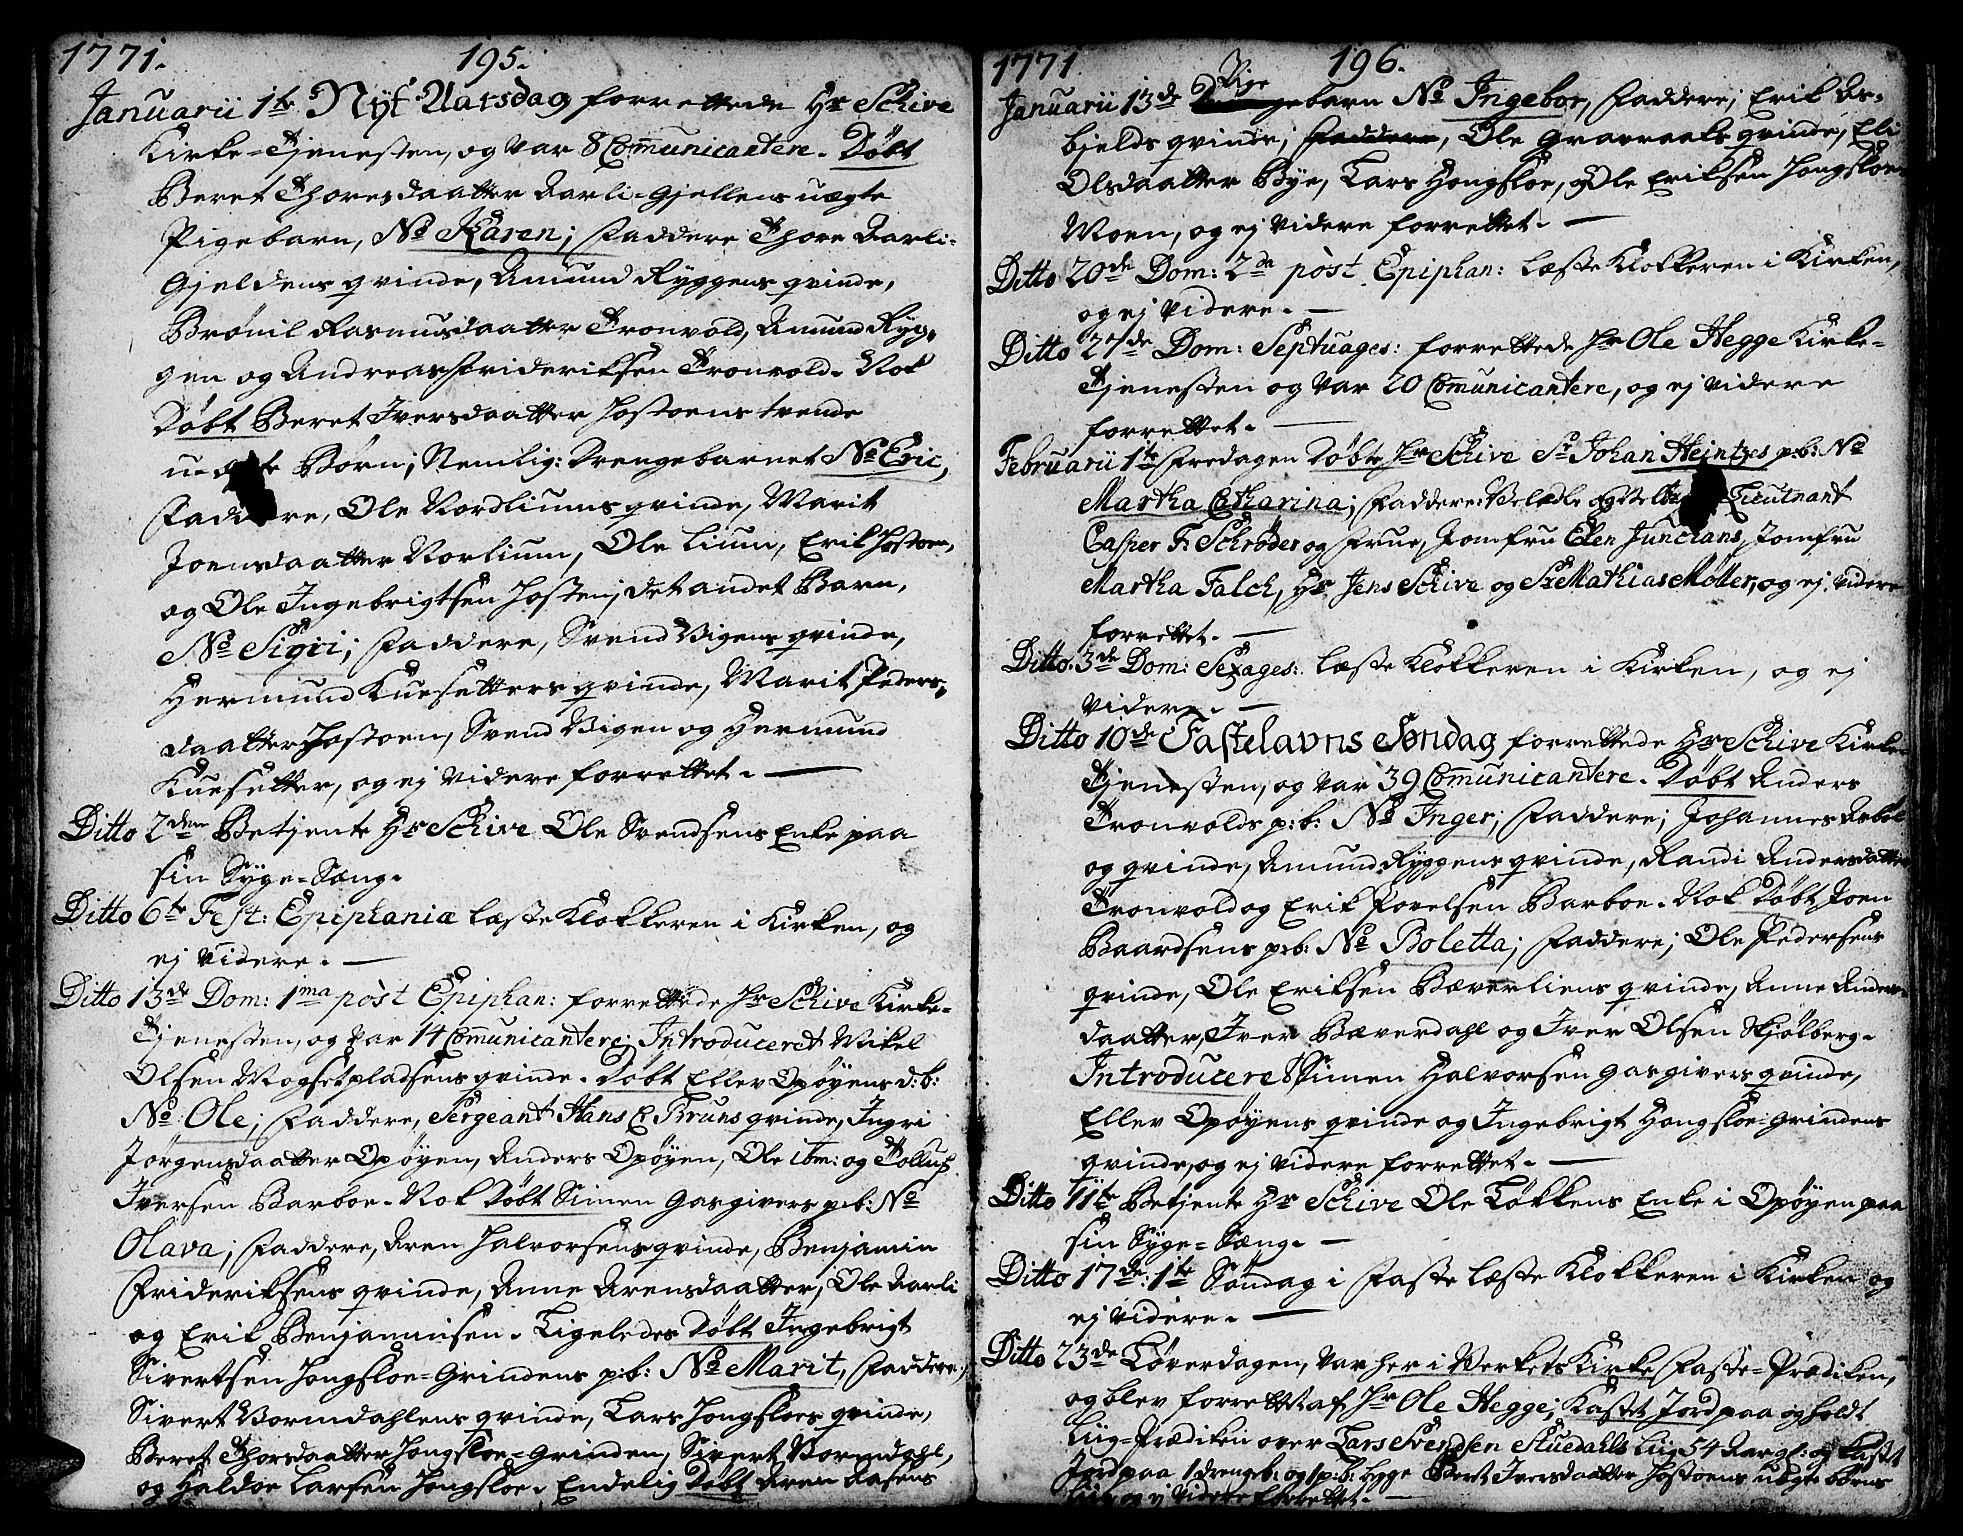 SAT, Ministerialprotokoller, klokkerbøker og fødselsregistre - Sør-Trøndelag, 671/L0840: Ministerialbok nr. 671A02, 1756-1794, s. 195-196